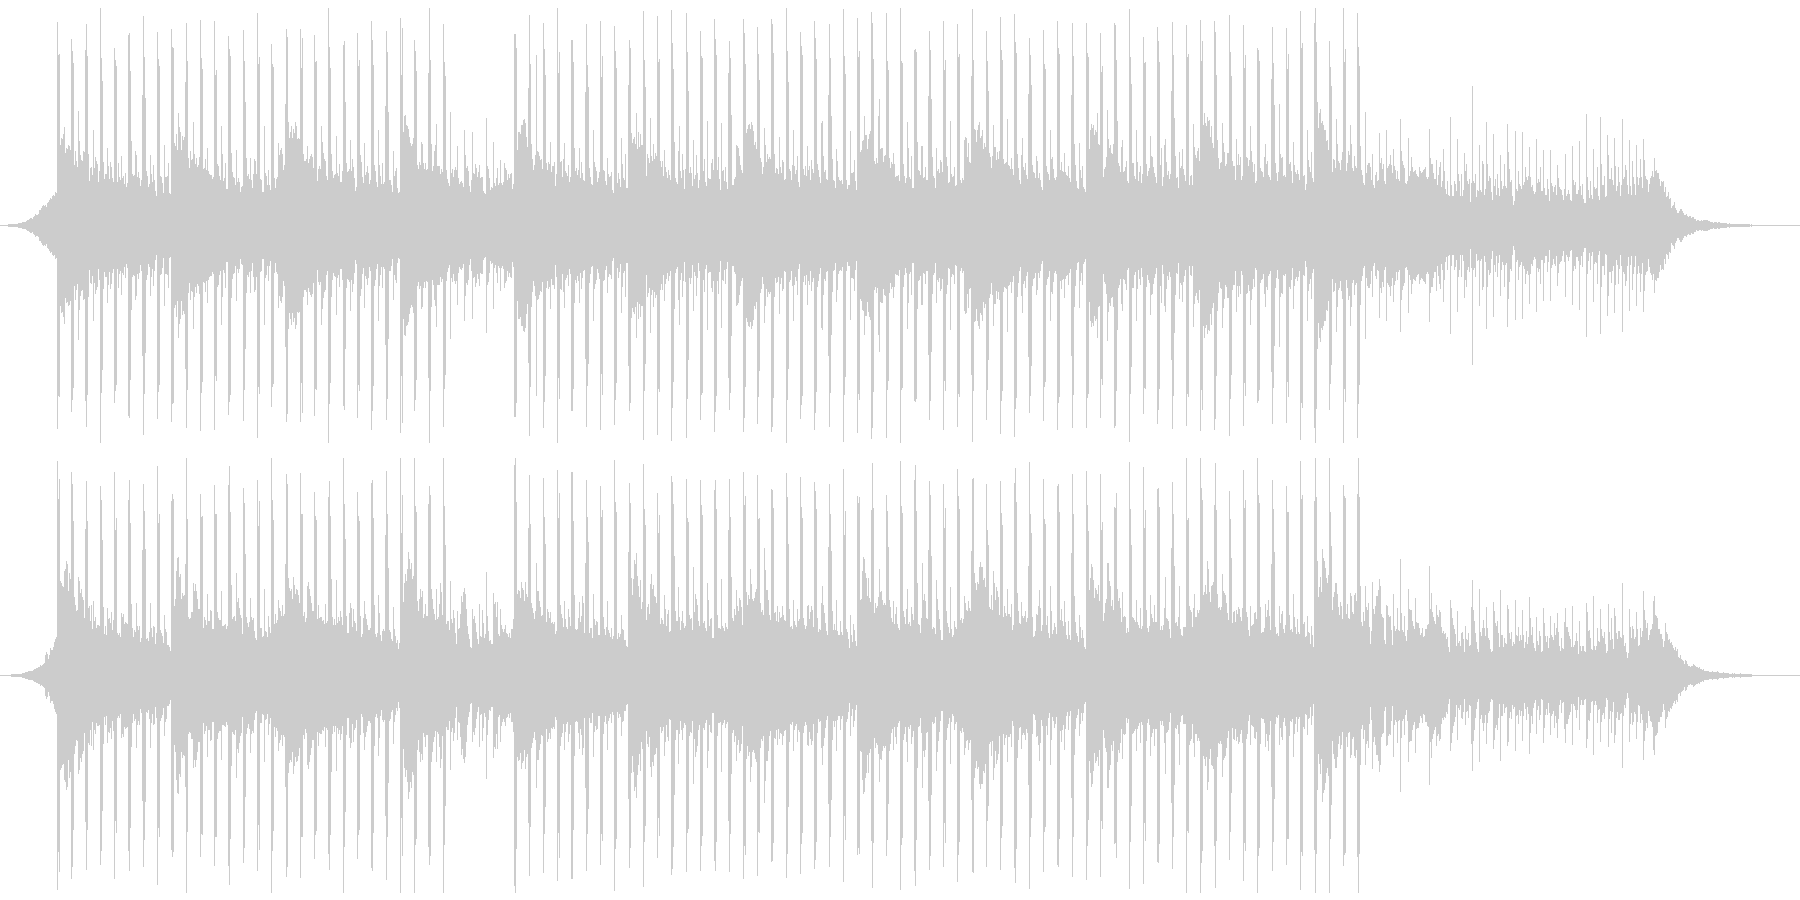 プレゼンテーション音楽(60秒)の未再生の波形